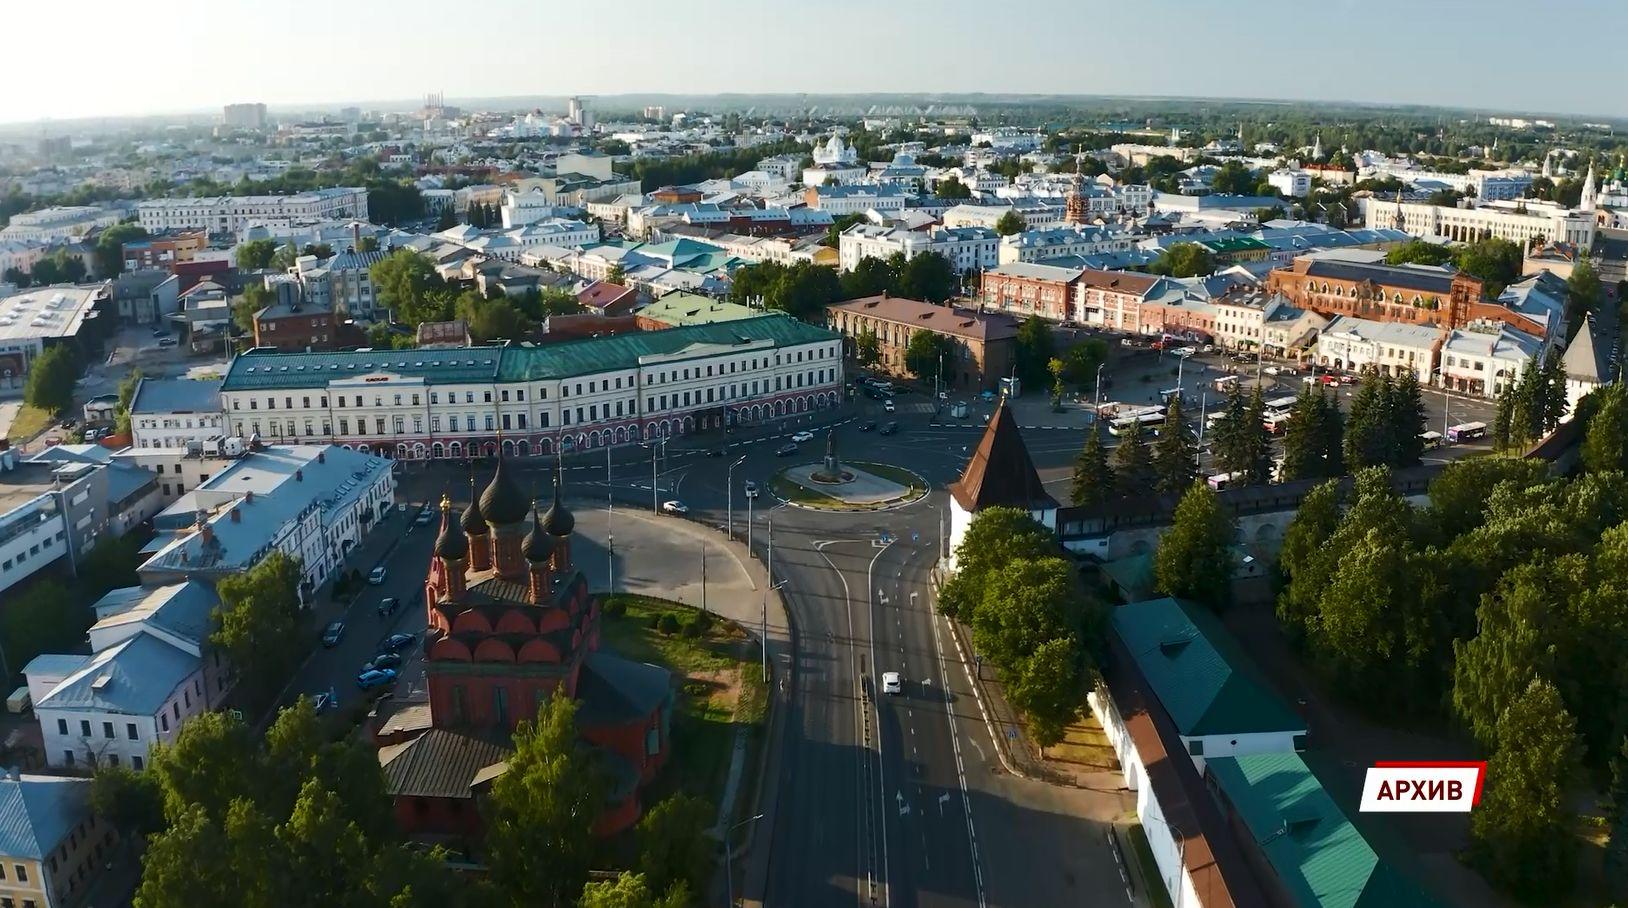 Для анализа турпотока Ярославской области появился сервис на основе Big Data